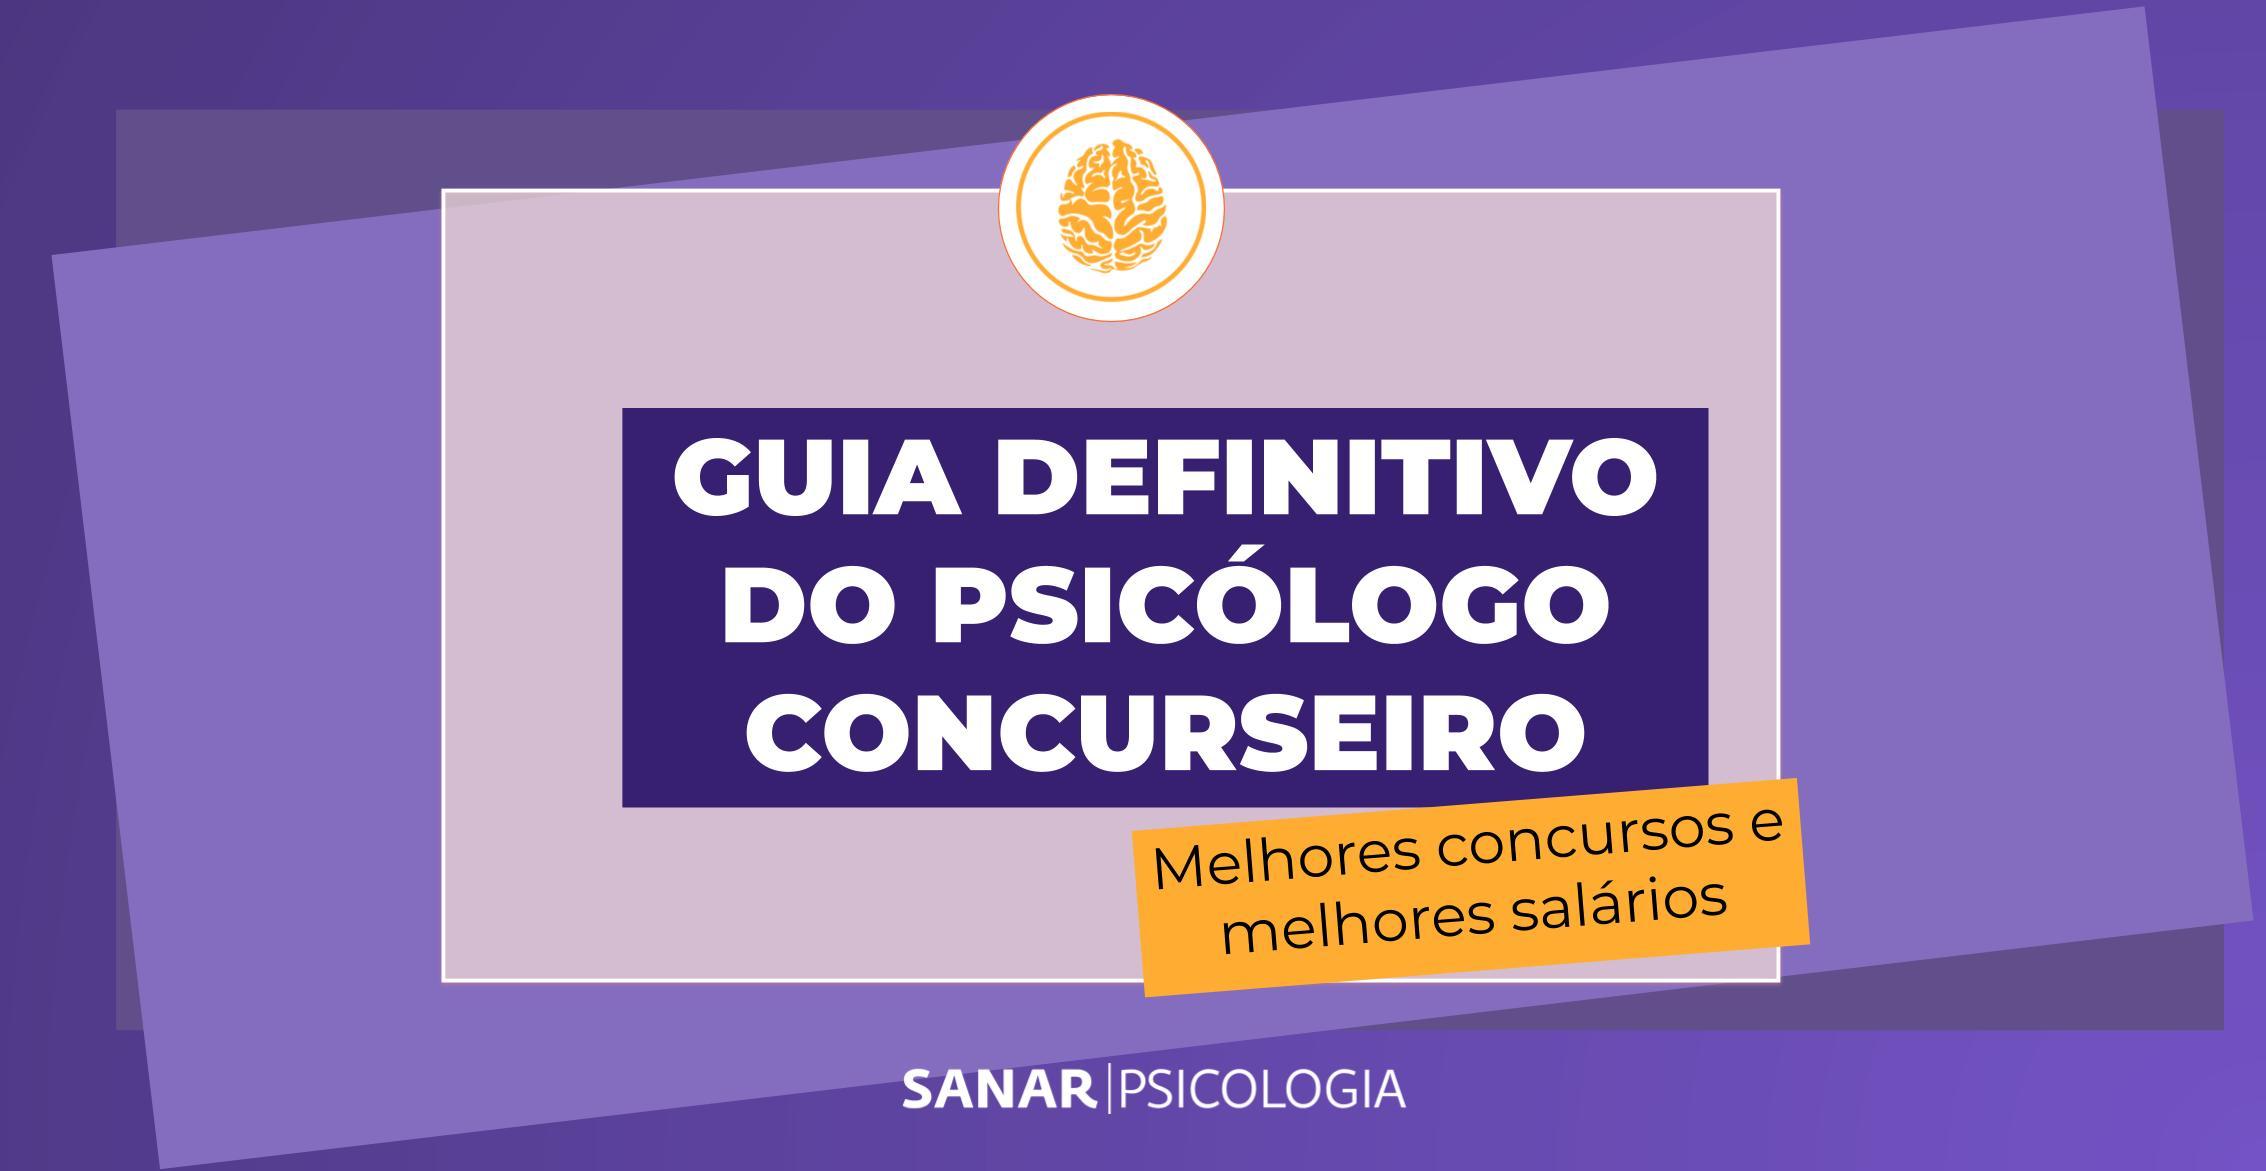 Concursos em Psicologia: melhores concursos e salários